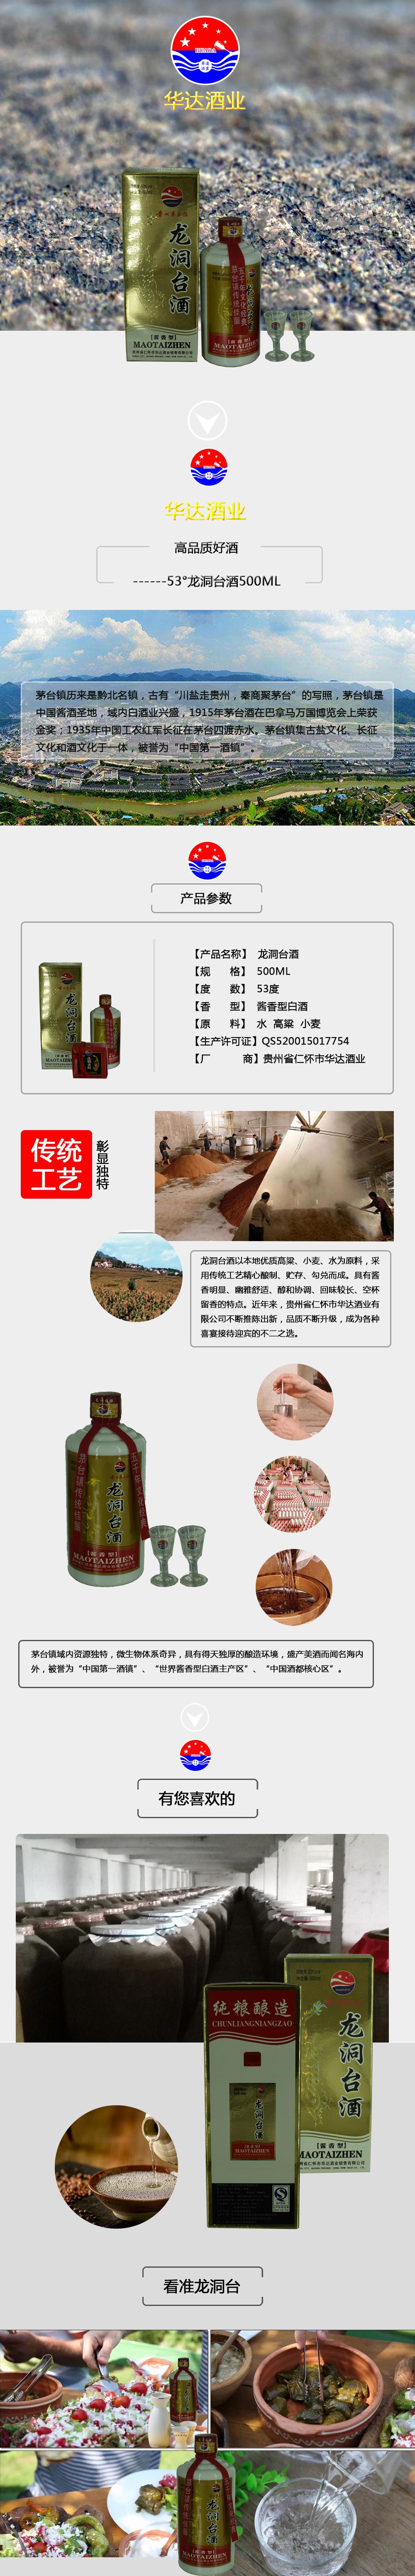 龍洞台詳情頁